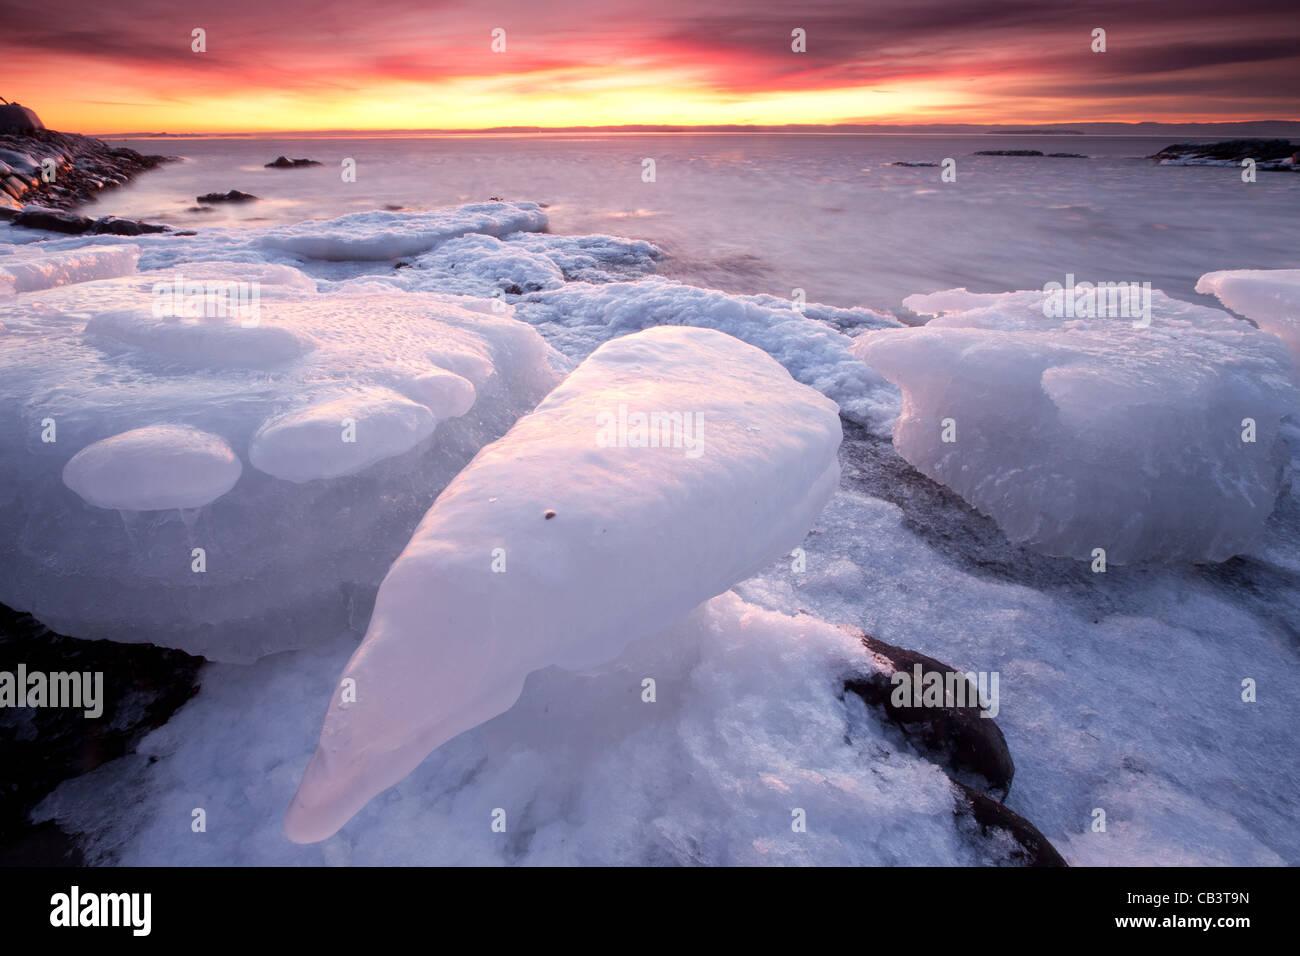 Colorida tarde y formaciones de hielo en Nîmes en la isla Jeløy en Moss kommune, Østfold fylke, Noruega. Imagen De Stock